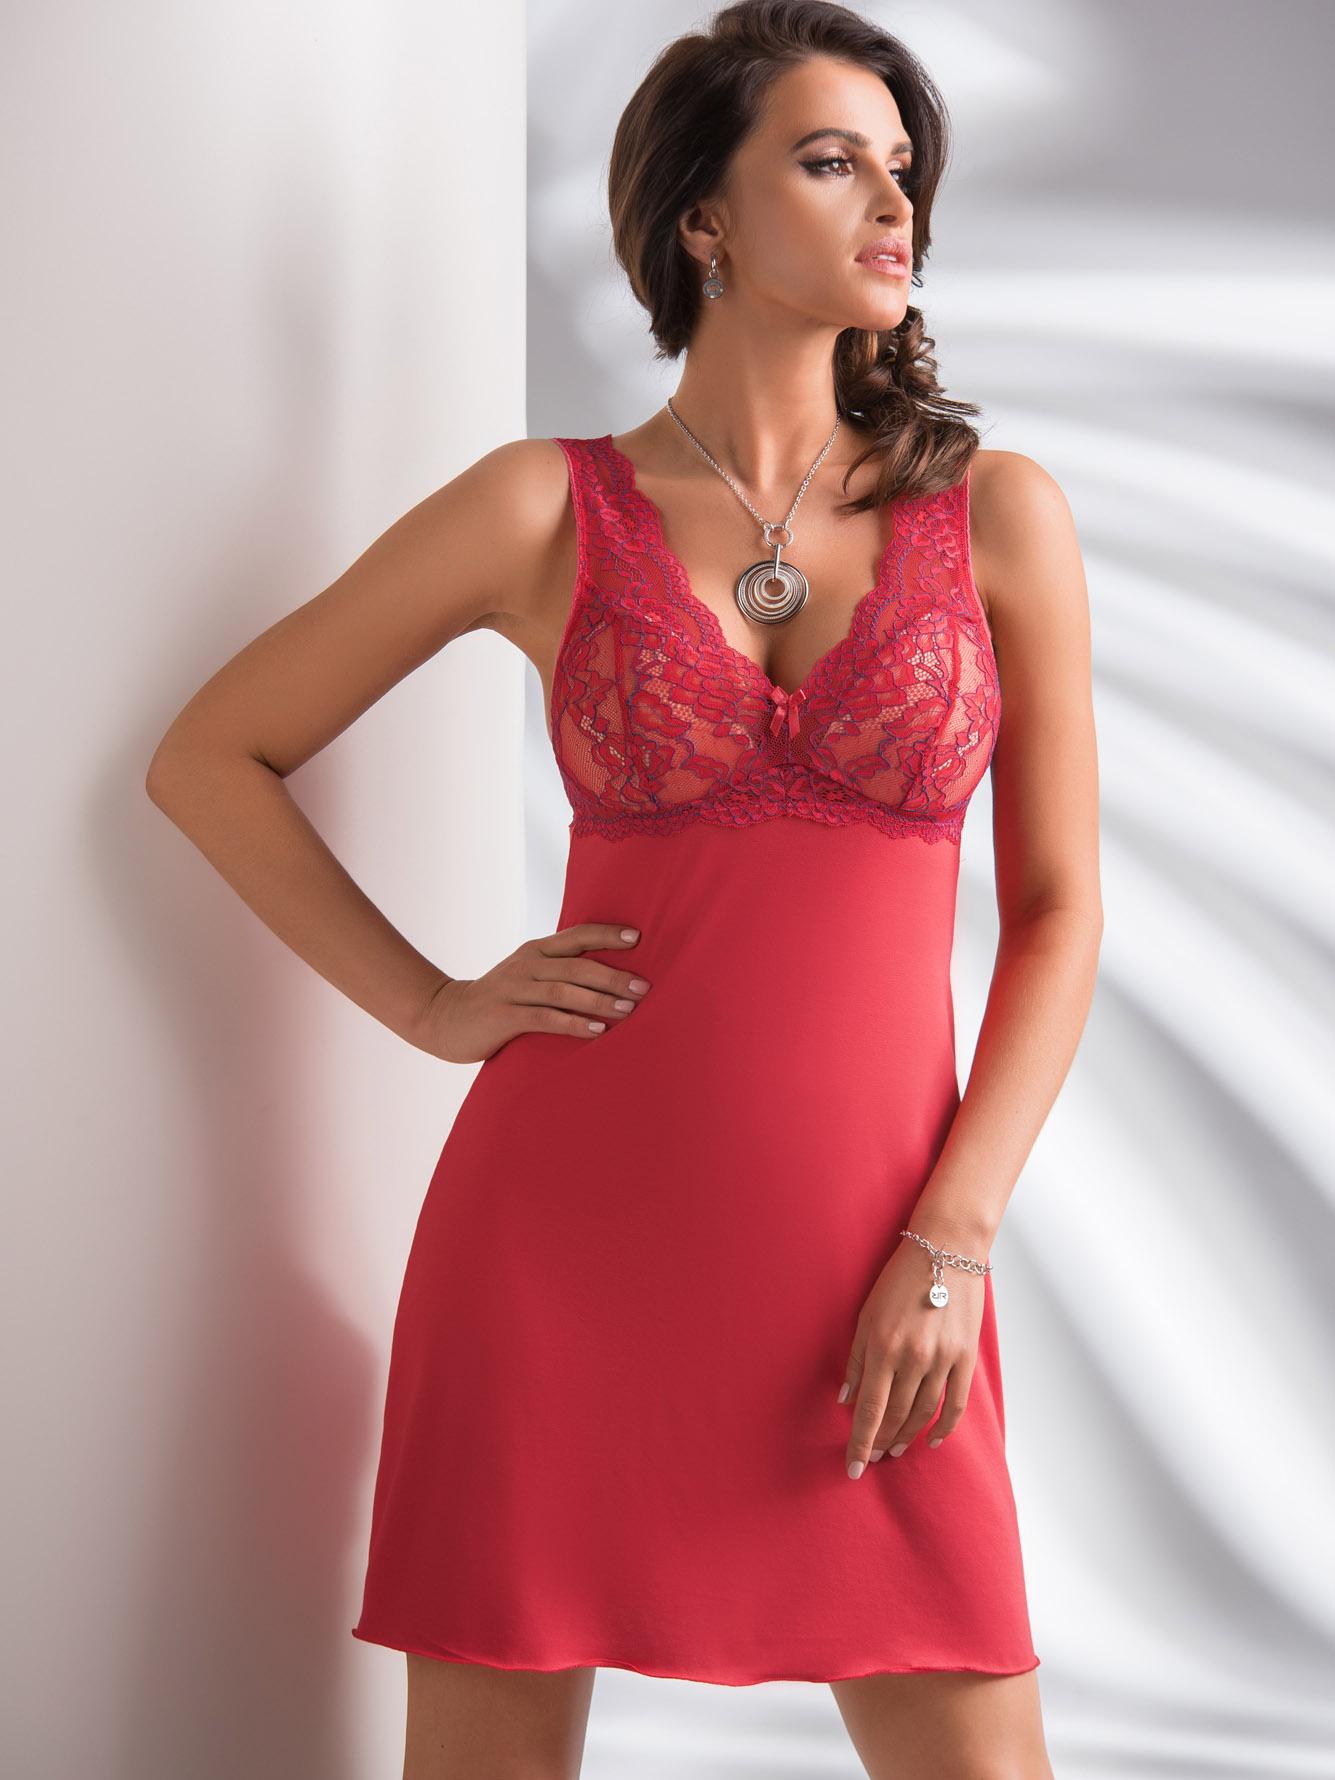 Donna LAILA nakts kleita